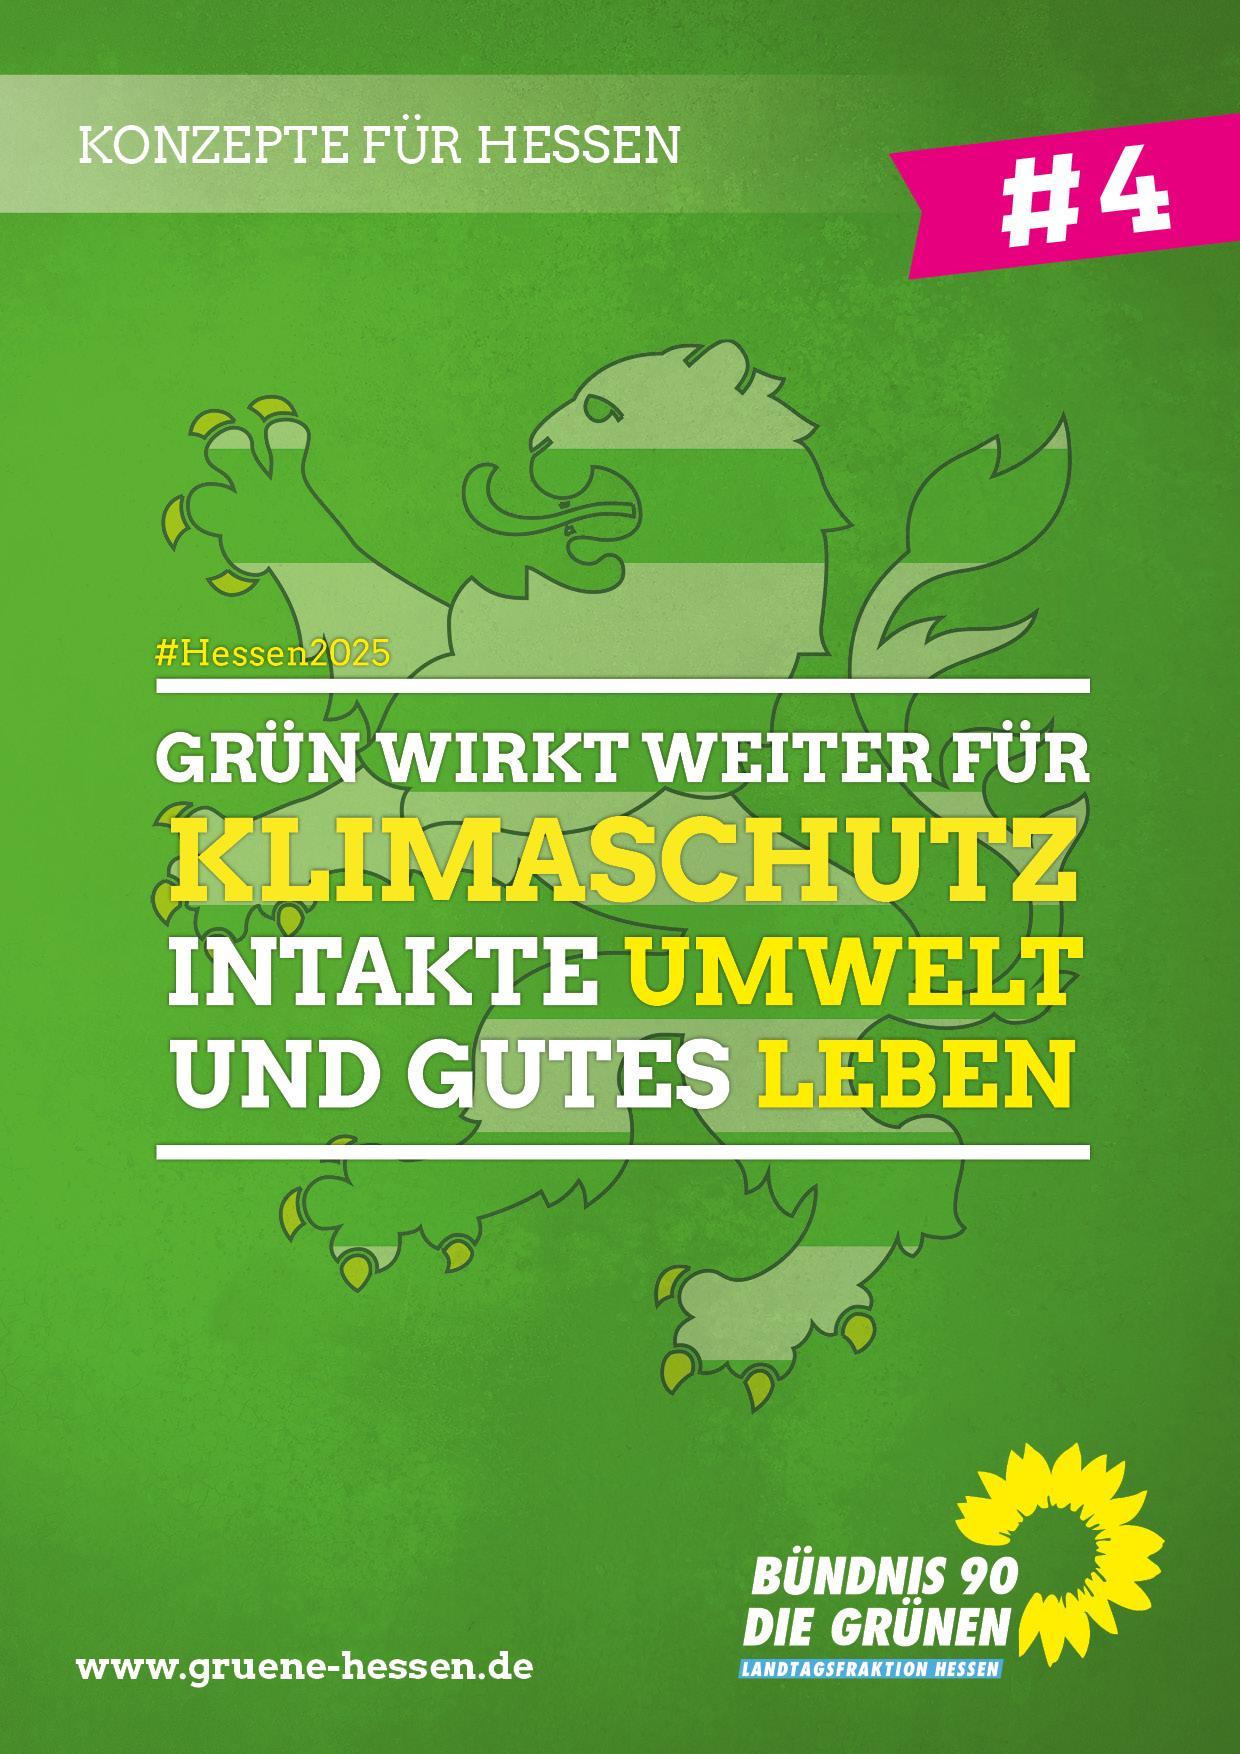 Grün wirkt weiter: für Klimaschutz - Konzept #4